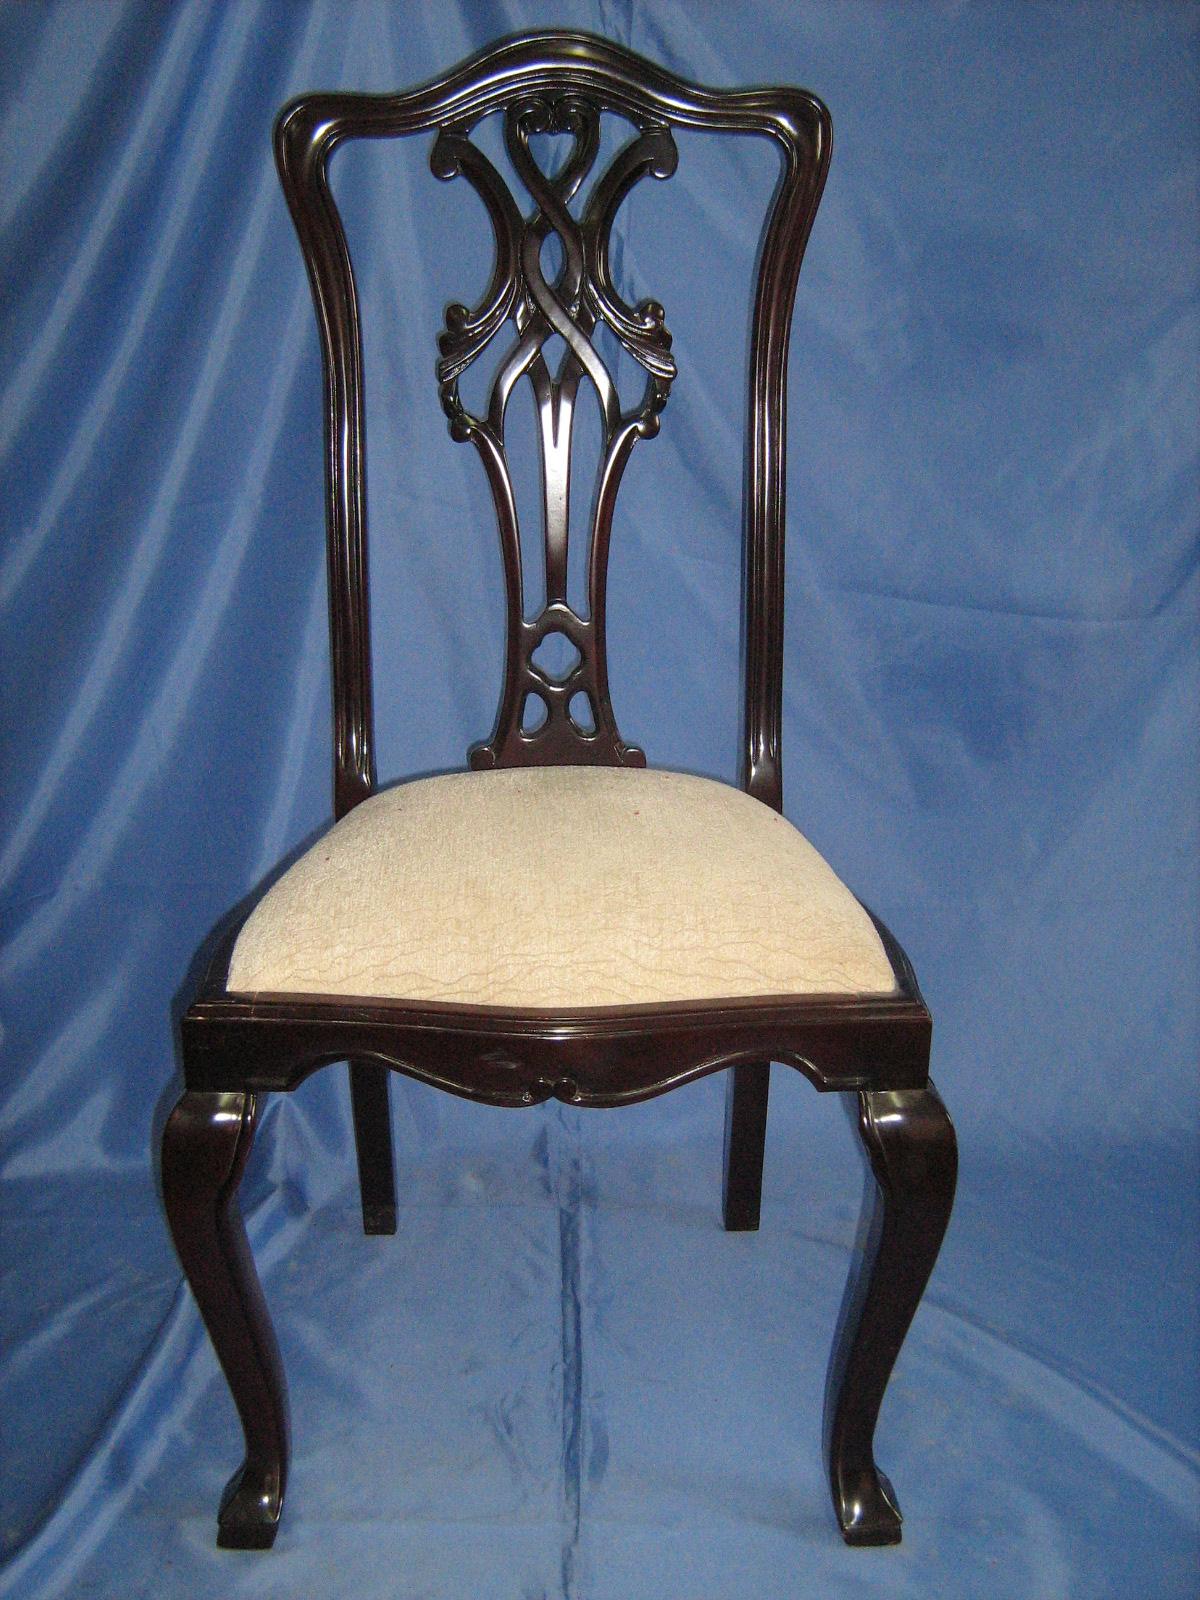 de Jantar cadeira jantar cadeiras jantar cadeiras fabrica de cadeiras #9A7231 1200x1600